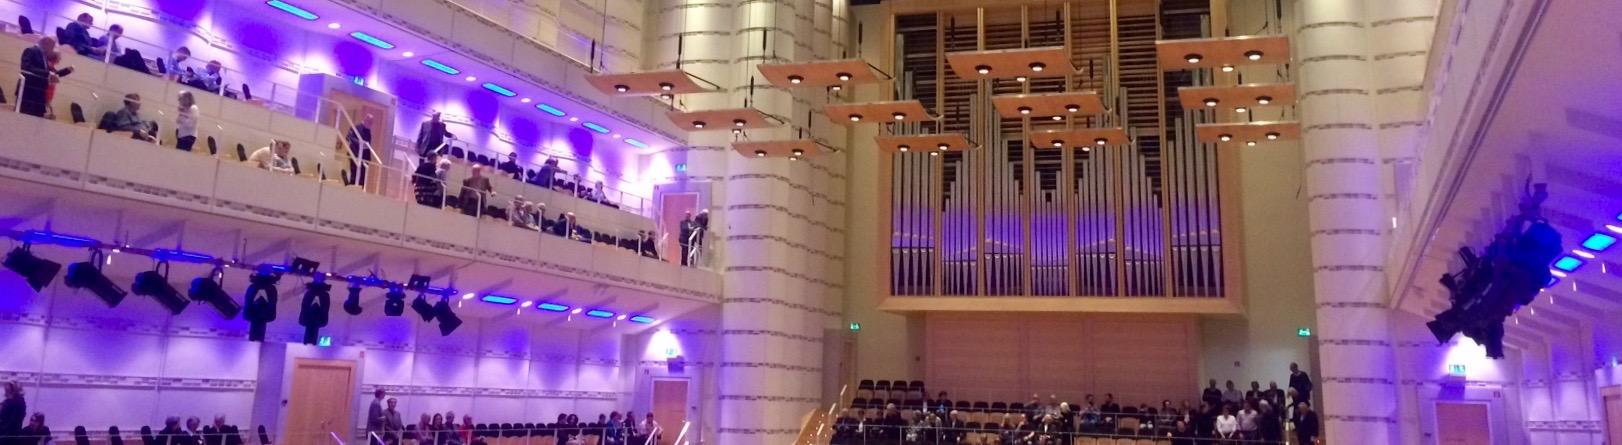 Lichtstimmung im Konzerthaus Dortmund. ©mhu